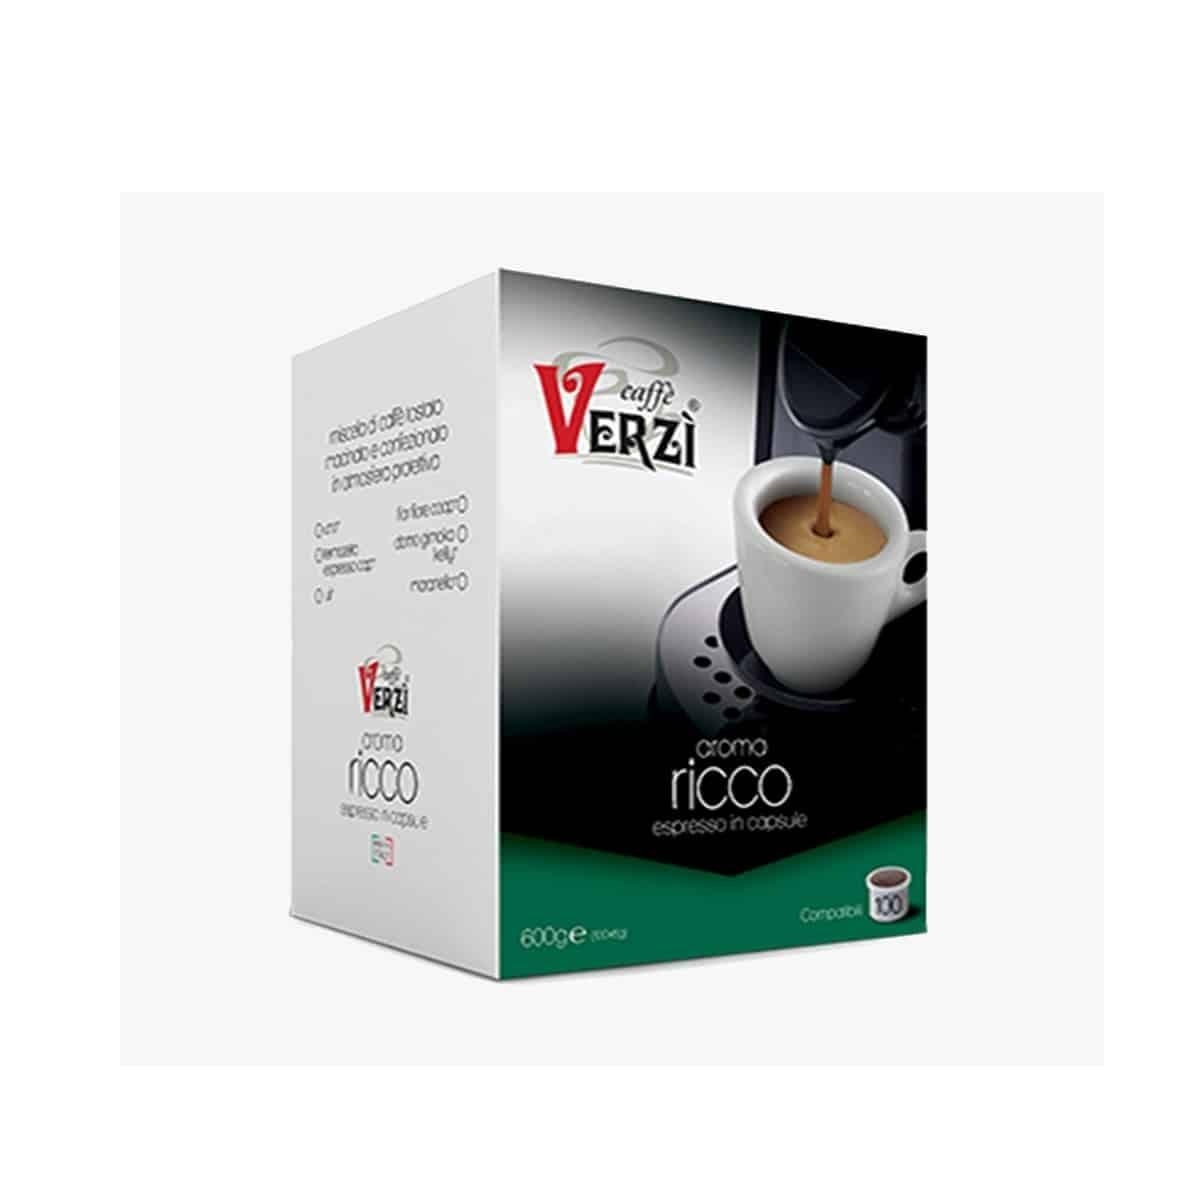 Rocard Caffè Verzi - Compatibile Fior Fiore - Miscela Ricco 200 Capsule